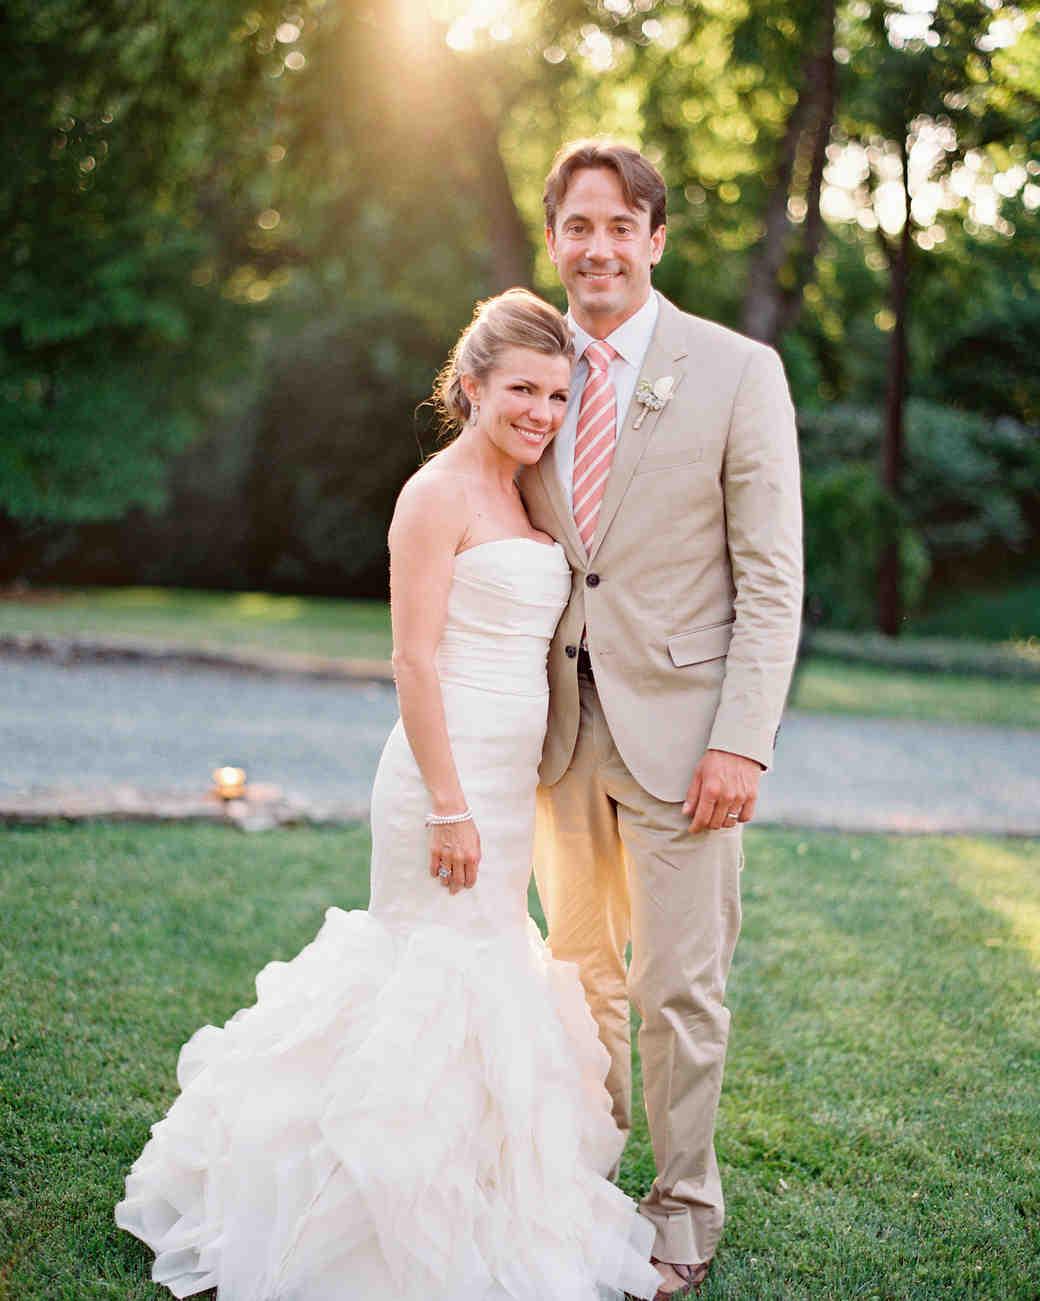 joanna-kyle-real-wedding-009009-r1-007-d111223-0814.jpg